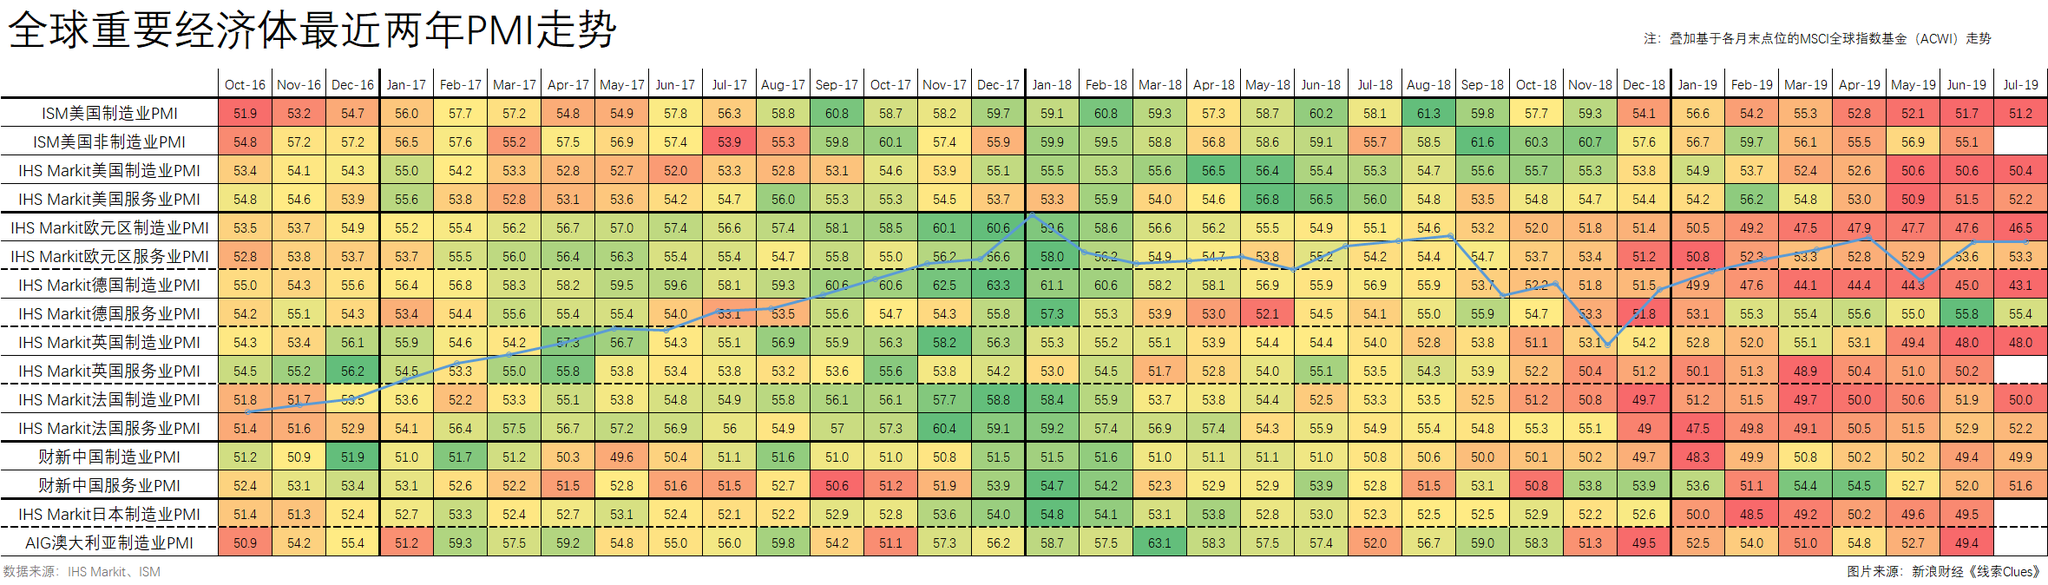 最近两年主要经济体采购经理指数(PMI),叠加基于各月末收盘价位的MSCI全球指数基金(ACWI)走势。(图片来源:新浪财经)